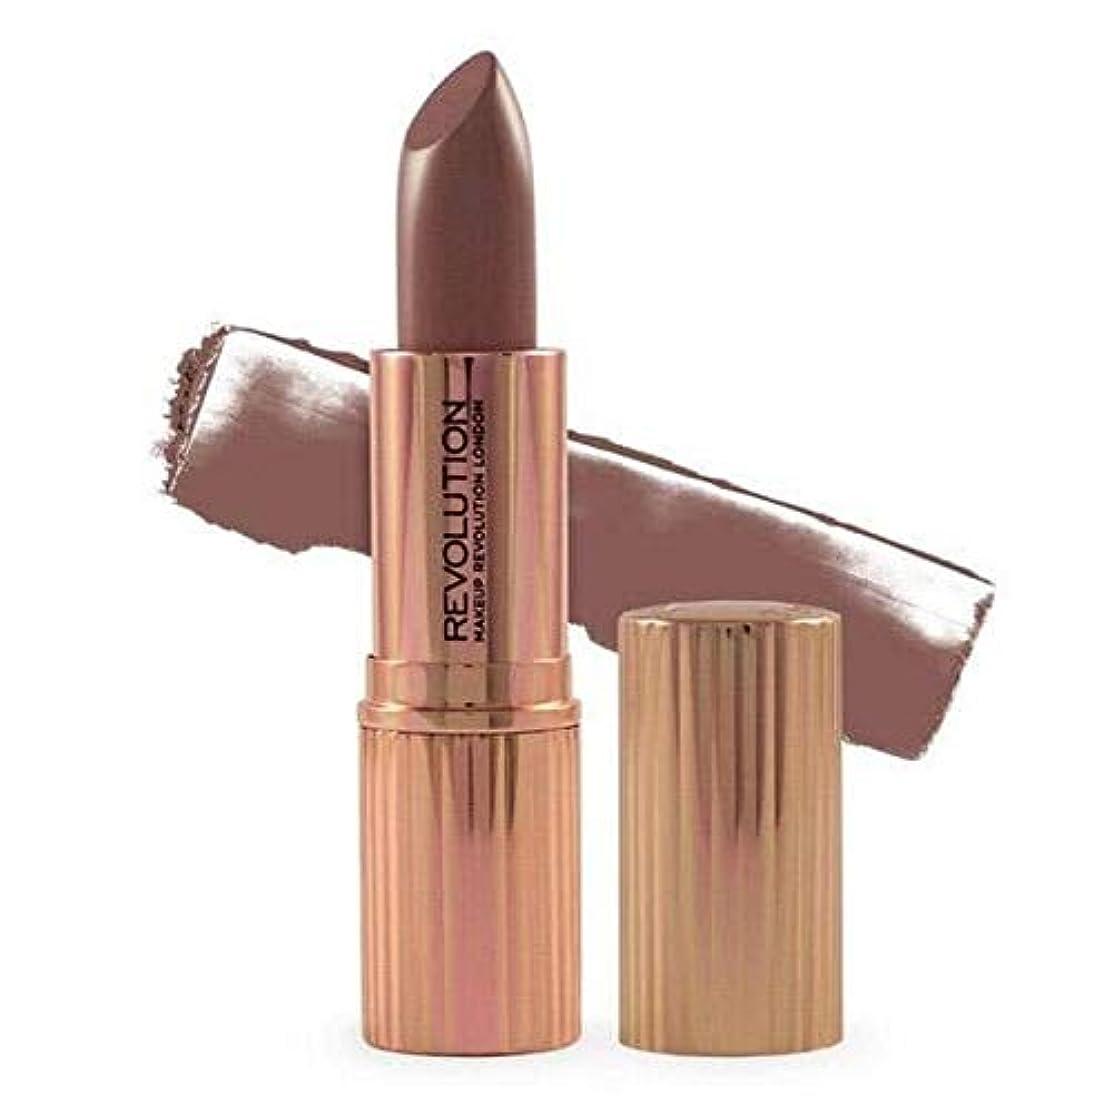 比較的エスカレートカタログ[Revolution ] 革命ルネサンス口紅勝利 - Revolution Renaissance Lipstick Triumph [並行輸入品]